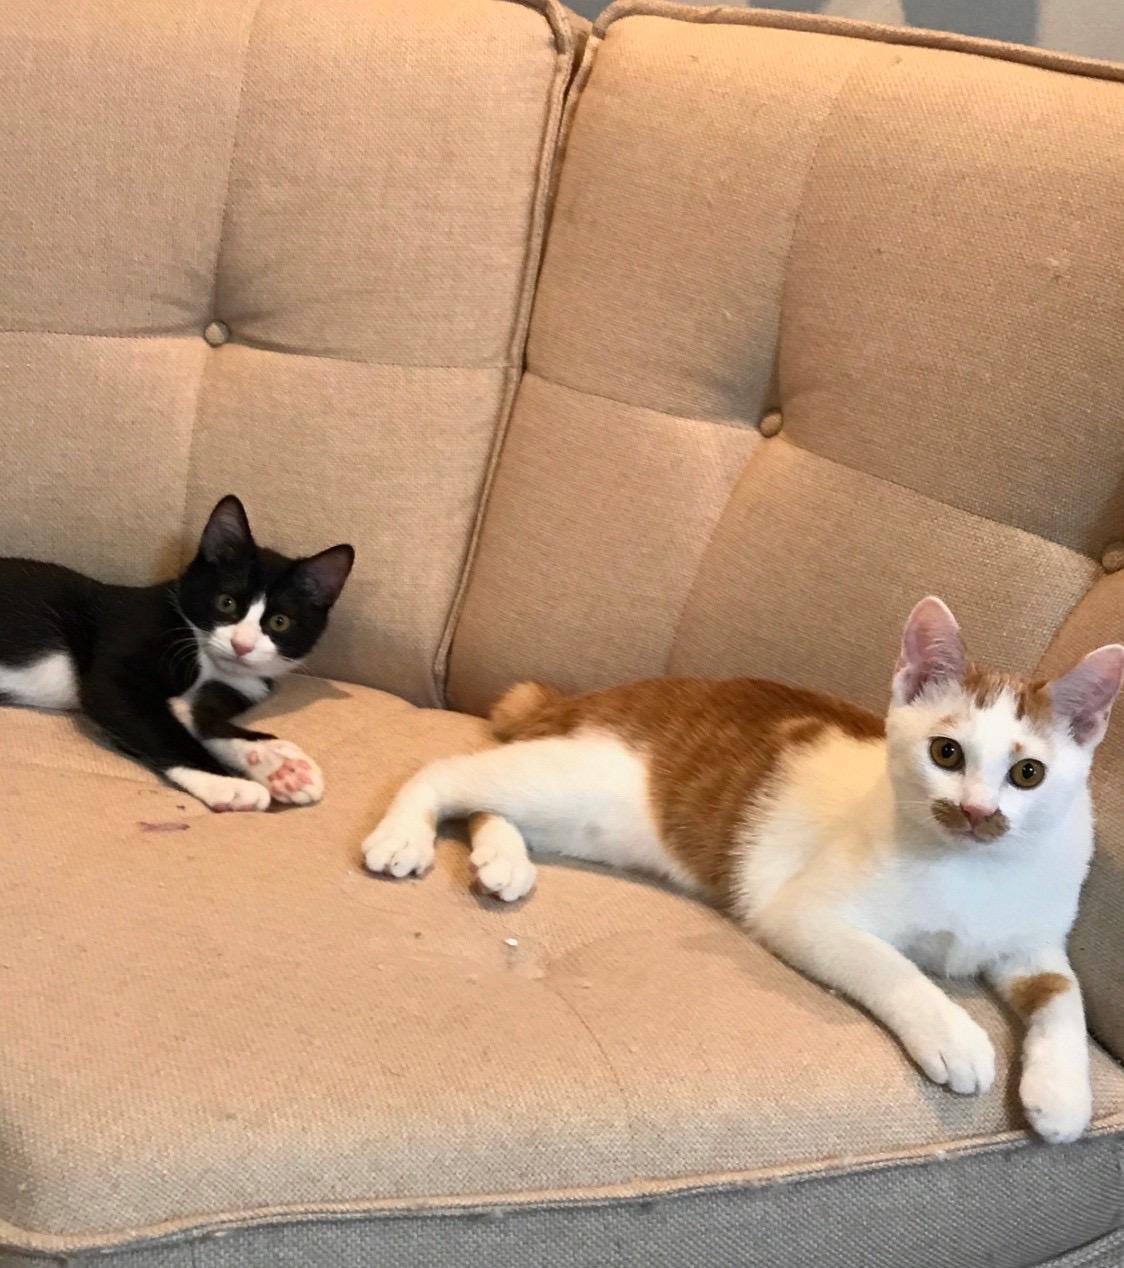 【今日のにゃんこ】ラビくんとルウくんの子猫時代の写真とエピソード_1